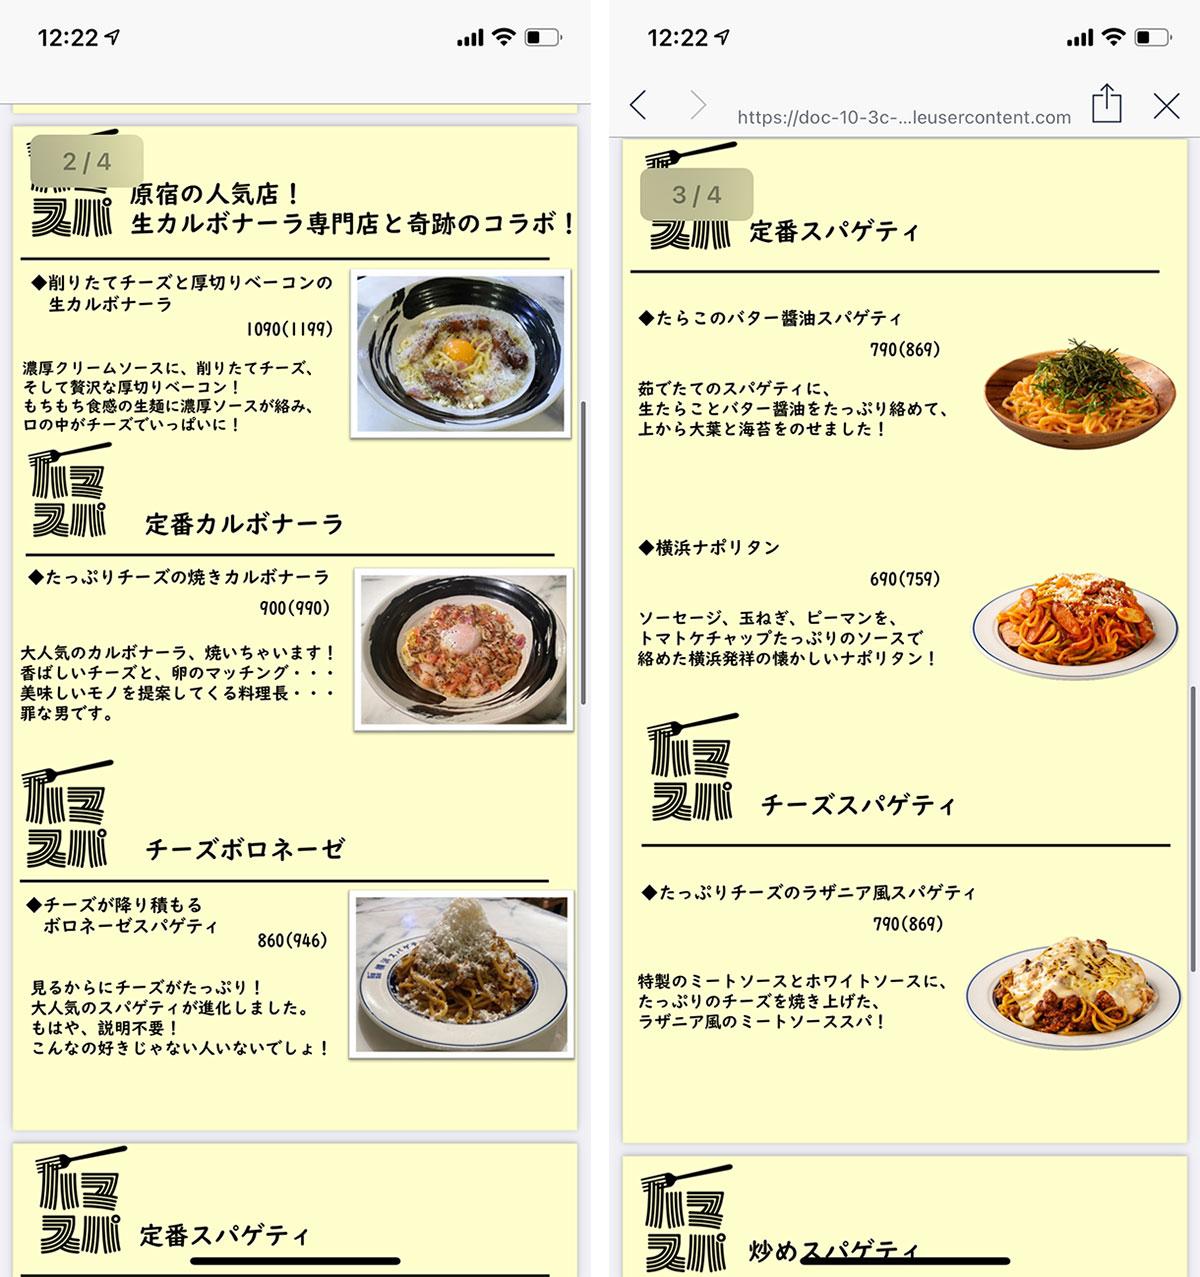 横浜スパゲティアンドカフェ メニュー